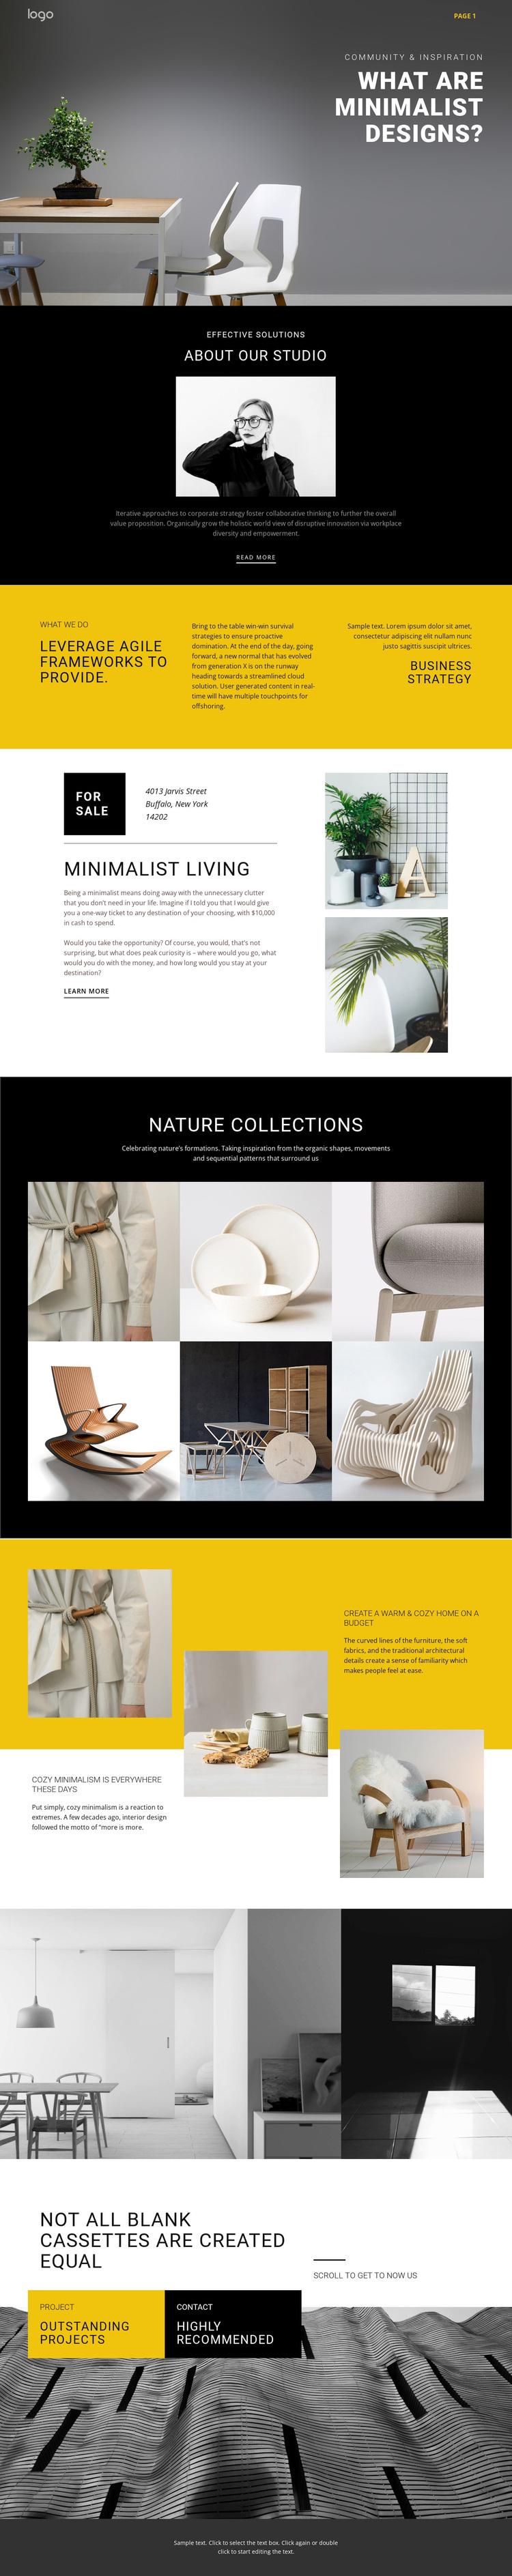 Minimalist designer interiors Template